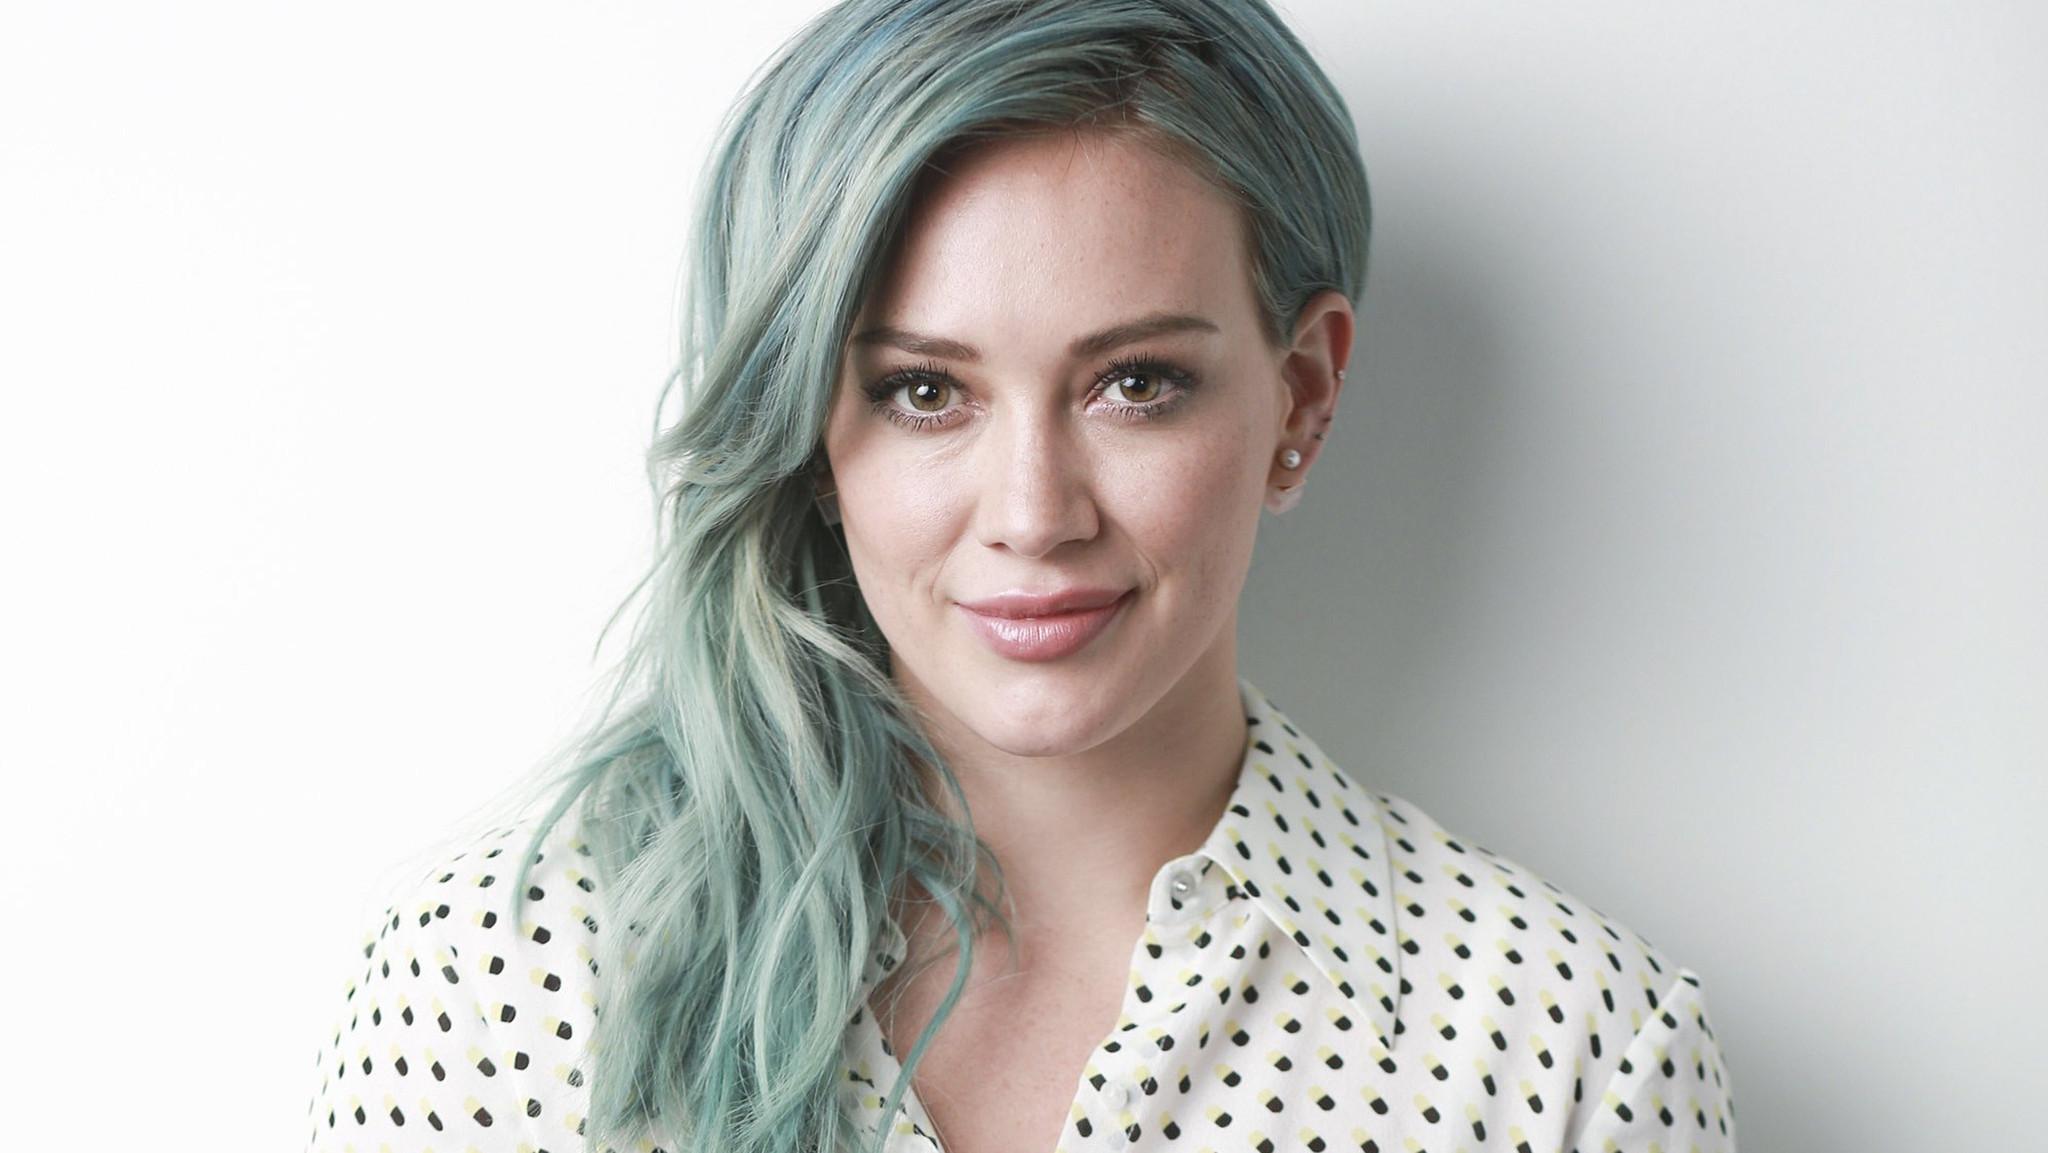 High Resolution Wallpaper | Hilary Duff 2048x1153 px